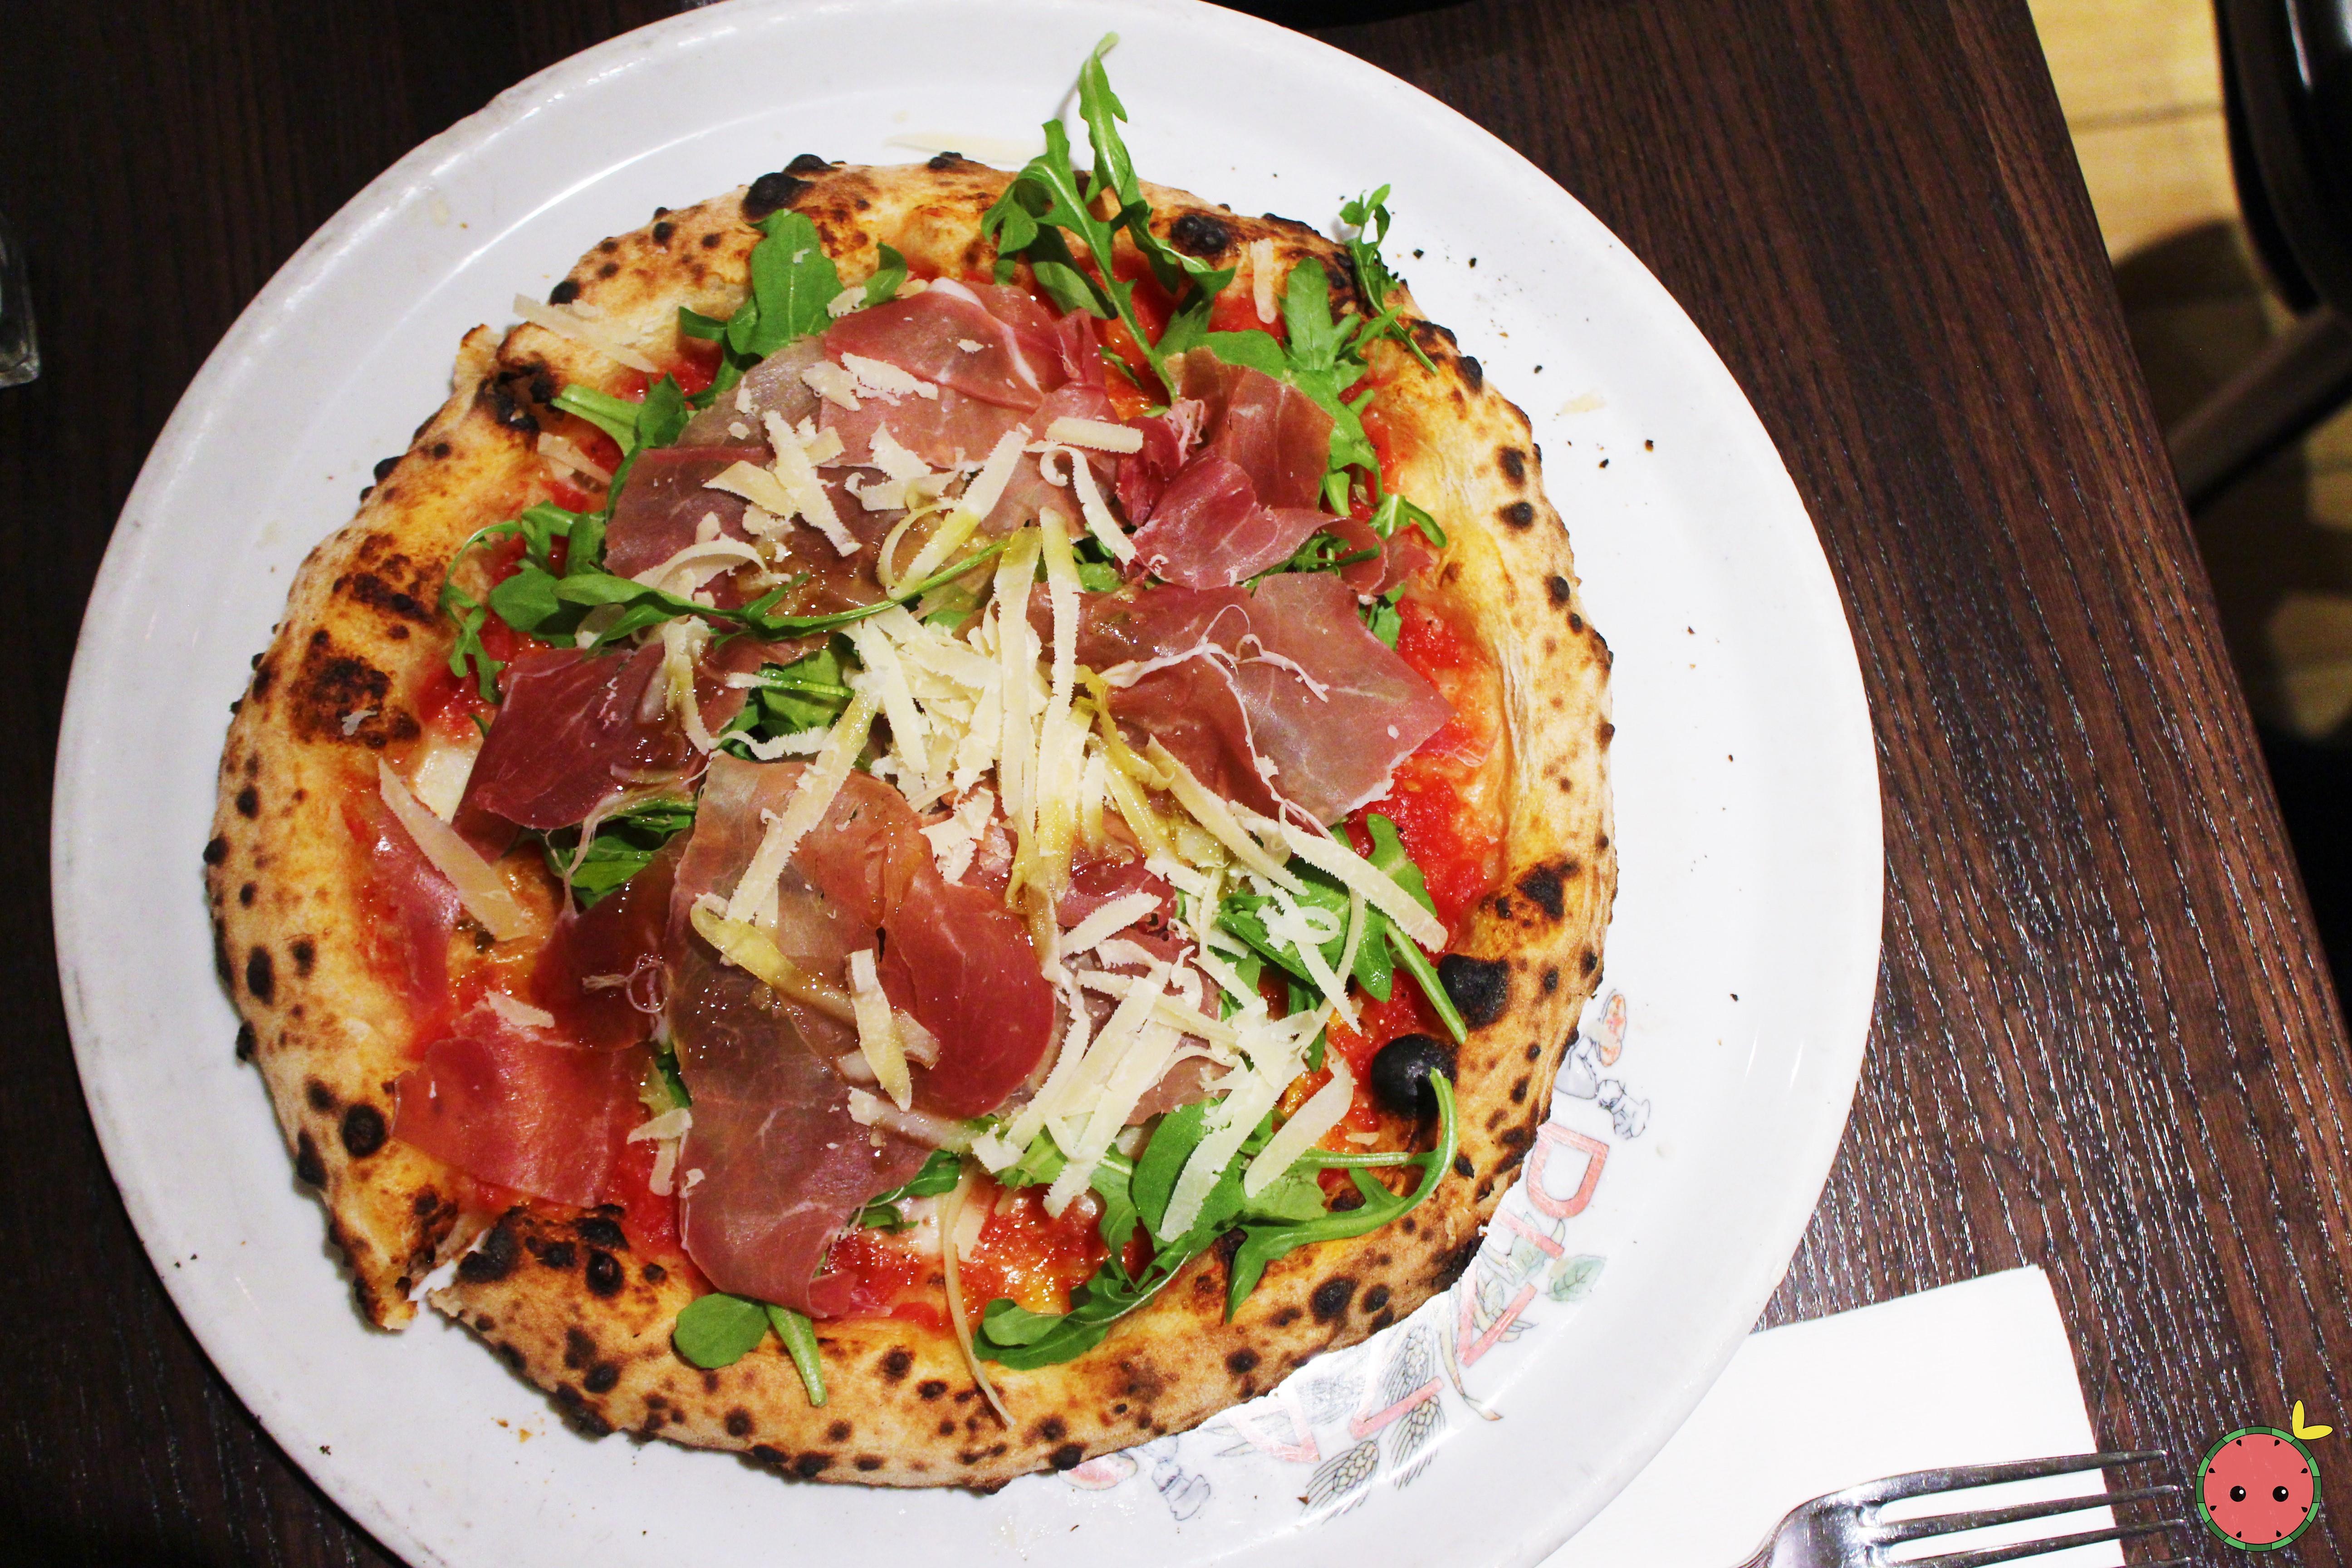 Keste Pizza - Tomato sauce, imported buffalo mozzarella, prosciutto di parma, arugula, gran cru, EV